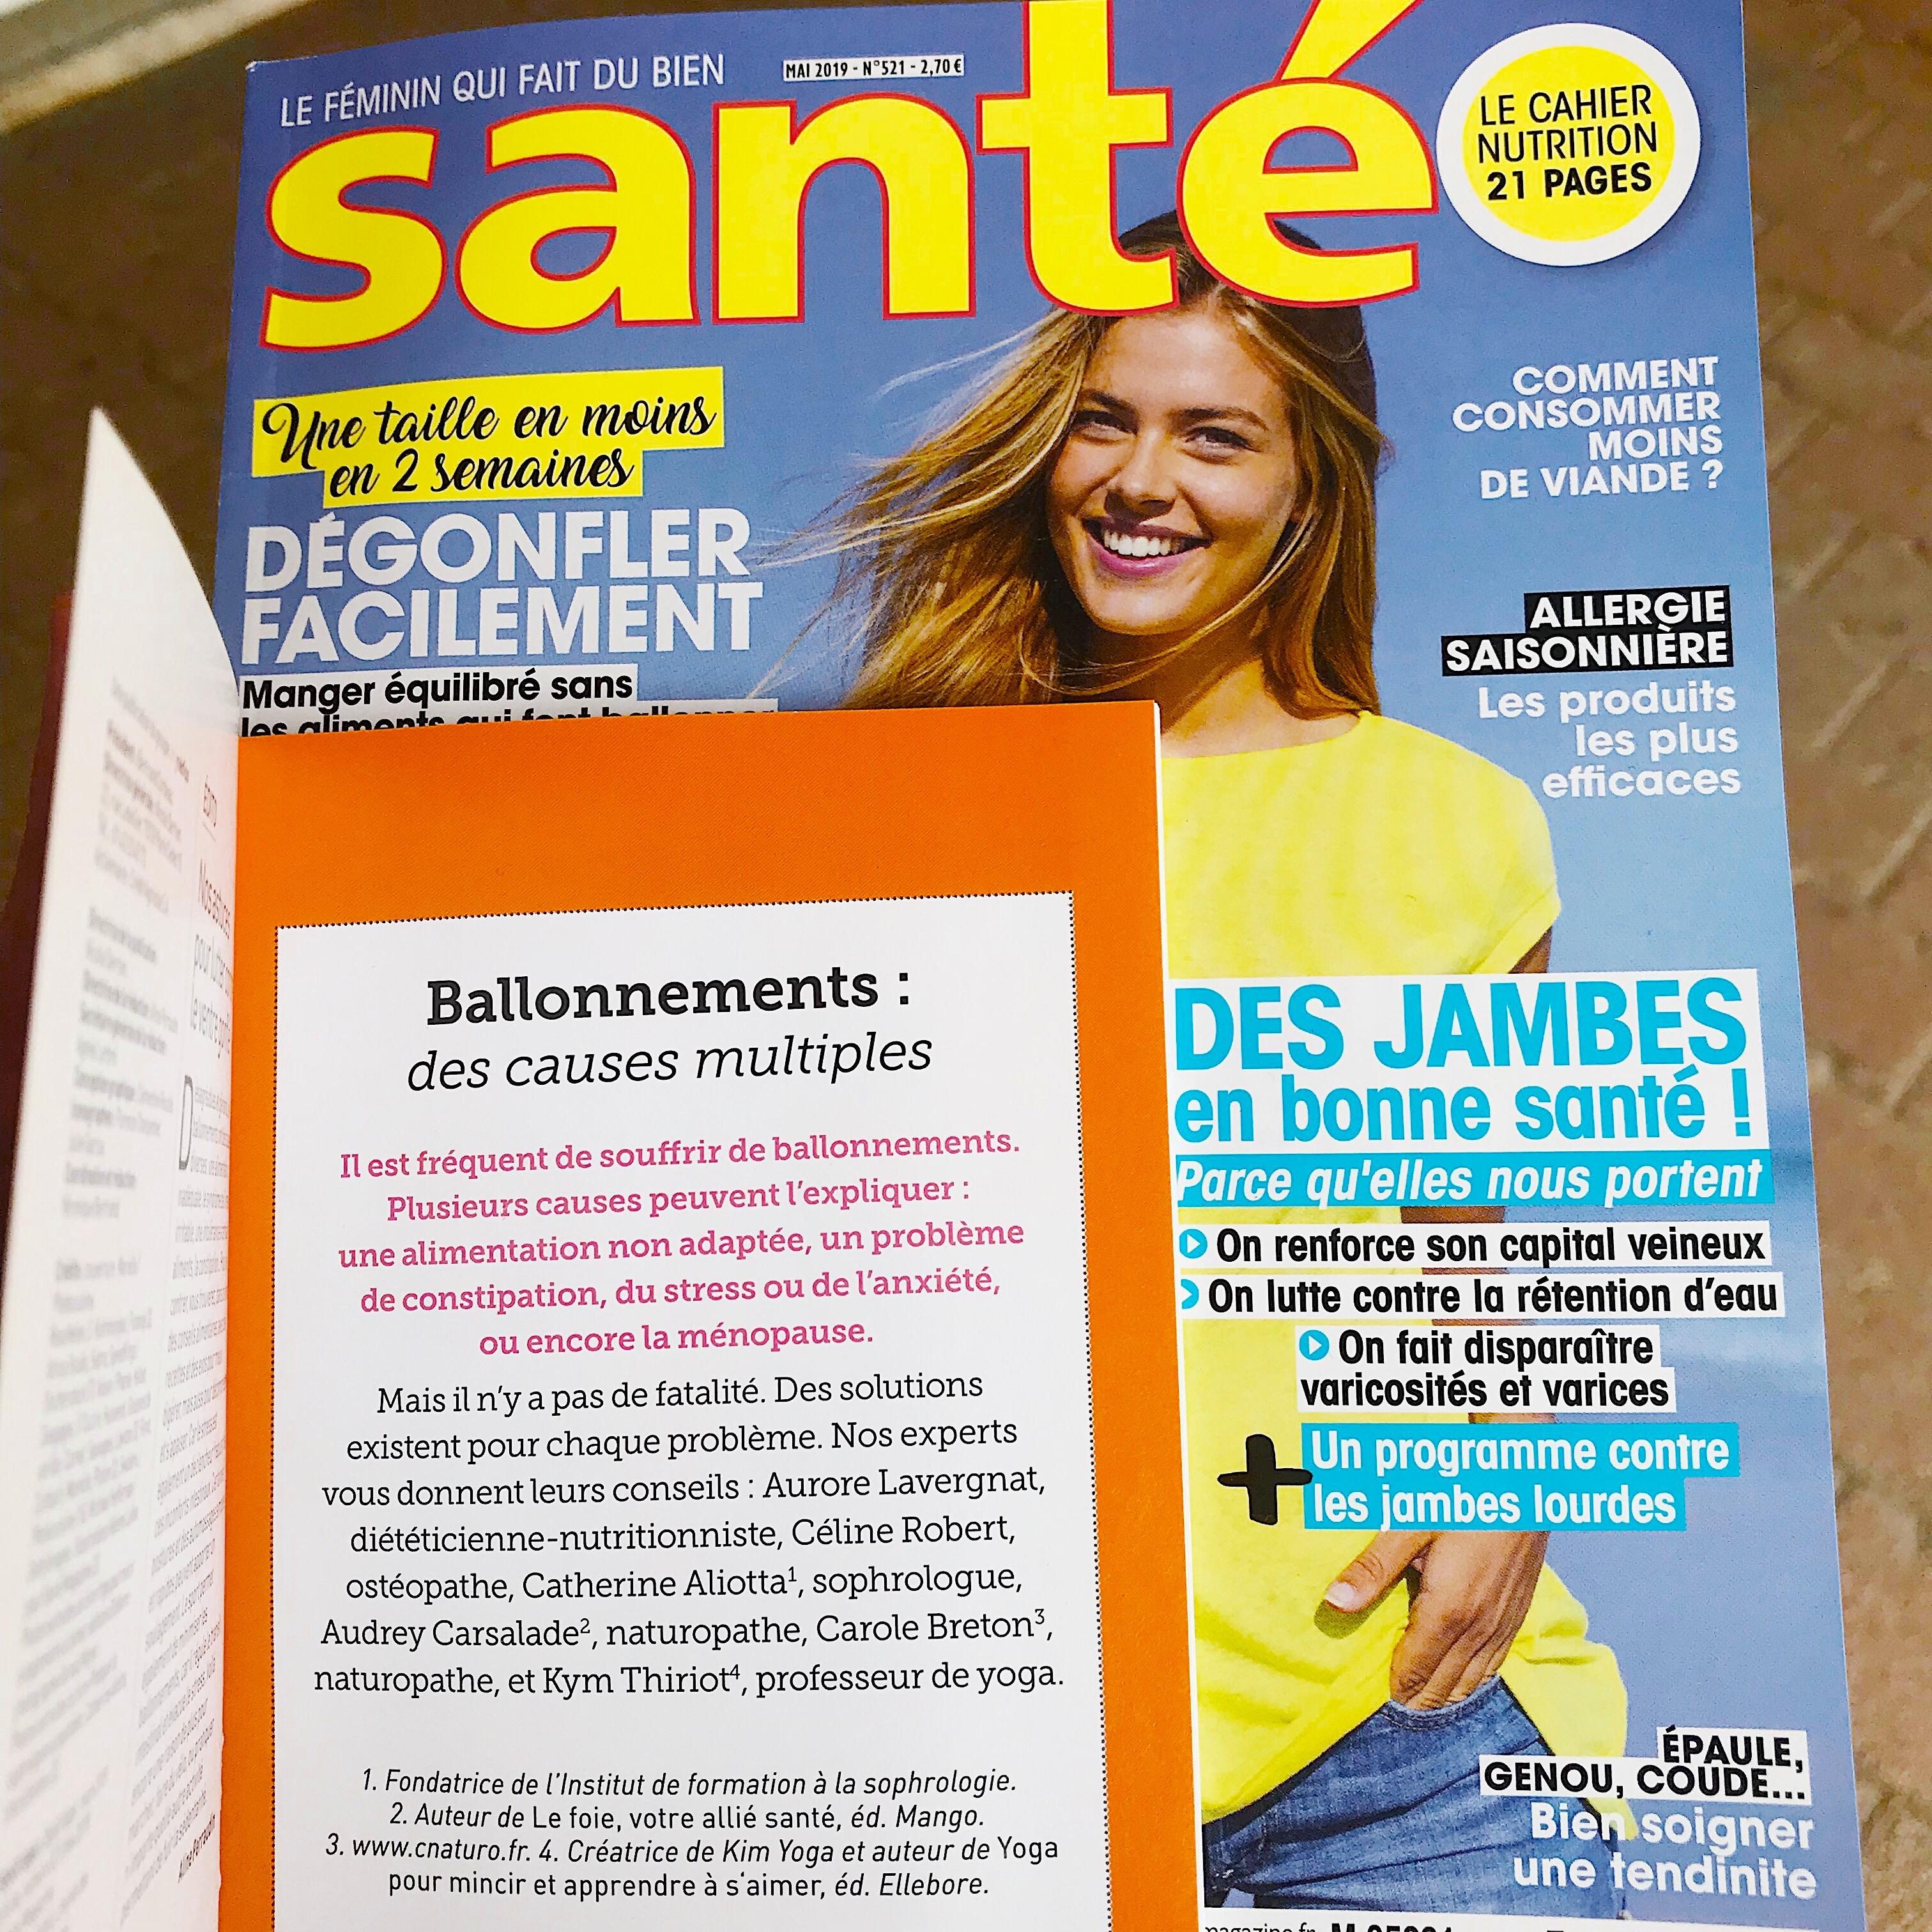 Magazine Apprendre La Photo santé magazine - ballonnements, des causes multiples - avril